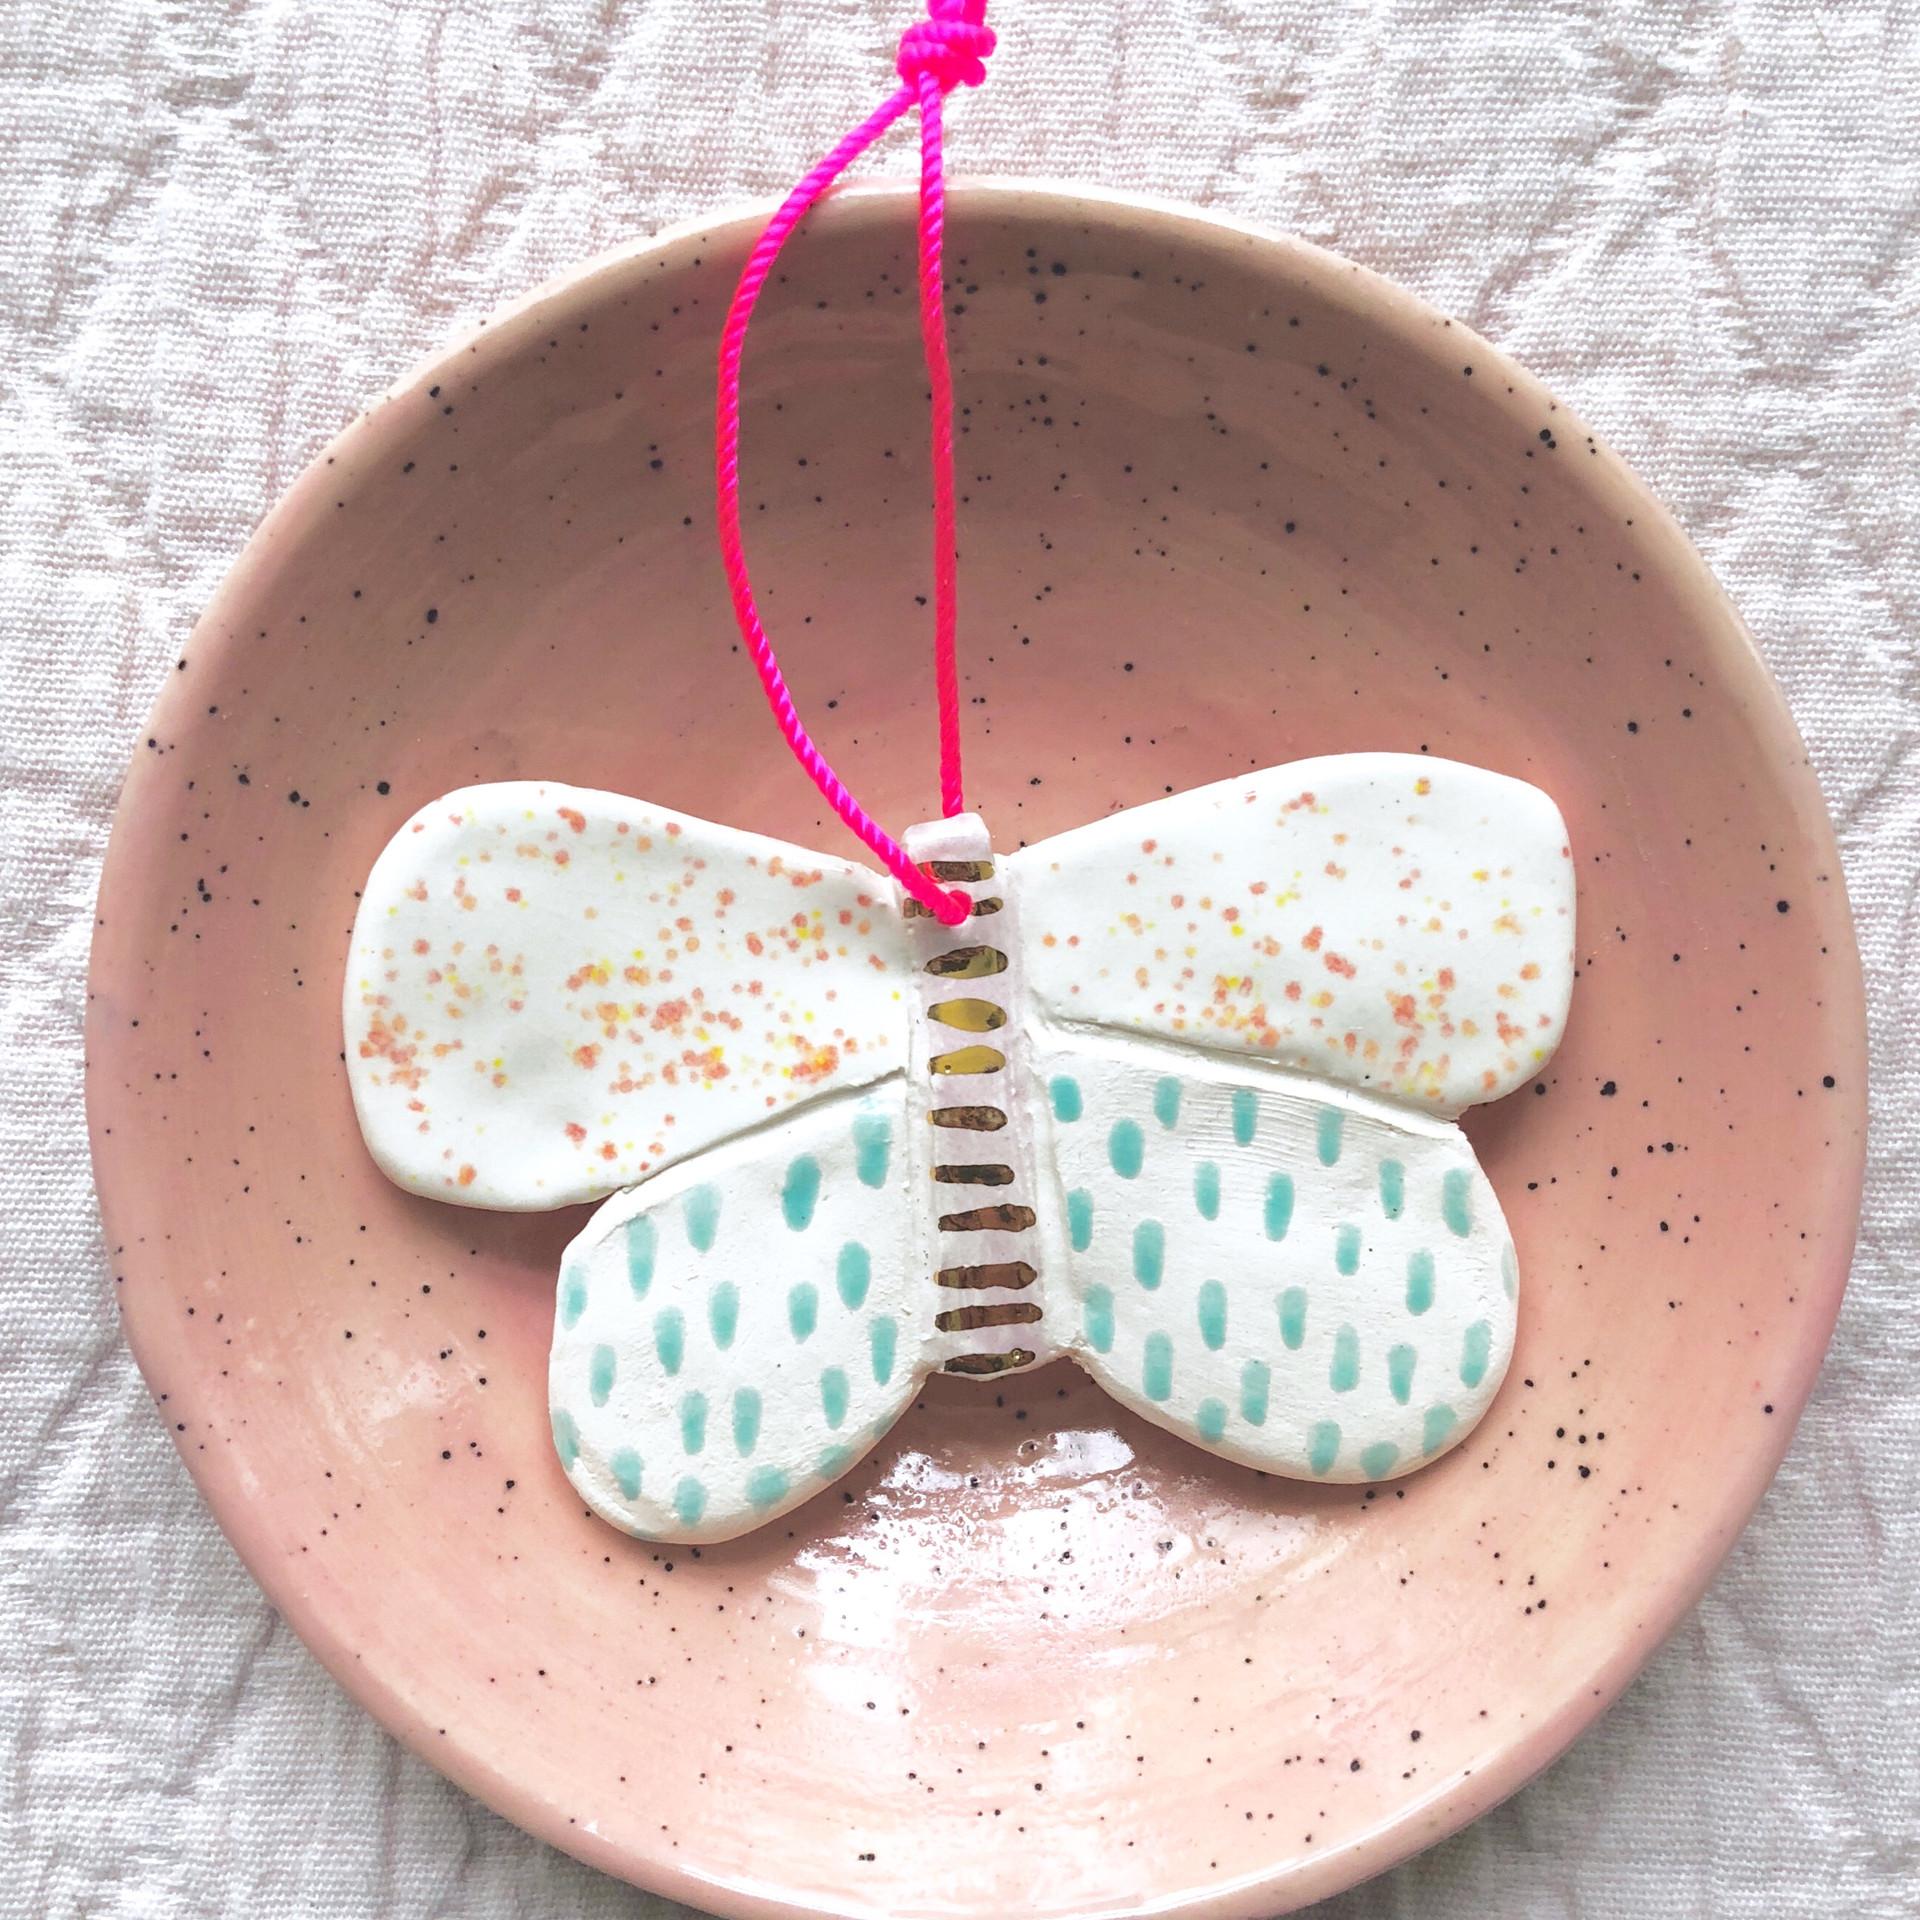 Joelle Wehkamp Butterfly porcelain 8.jpg